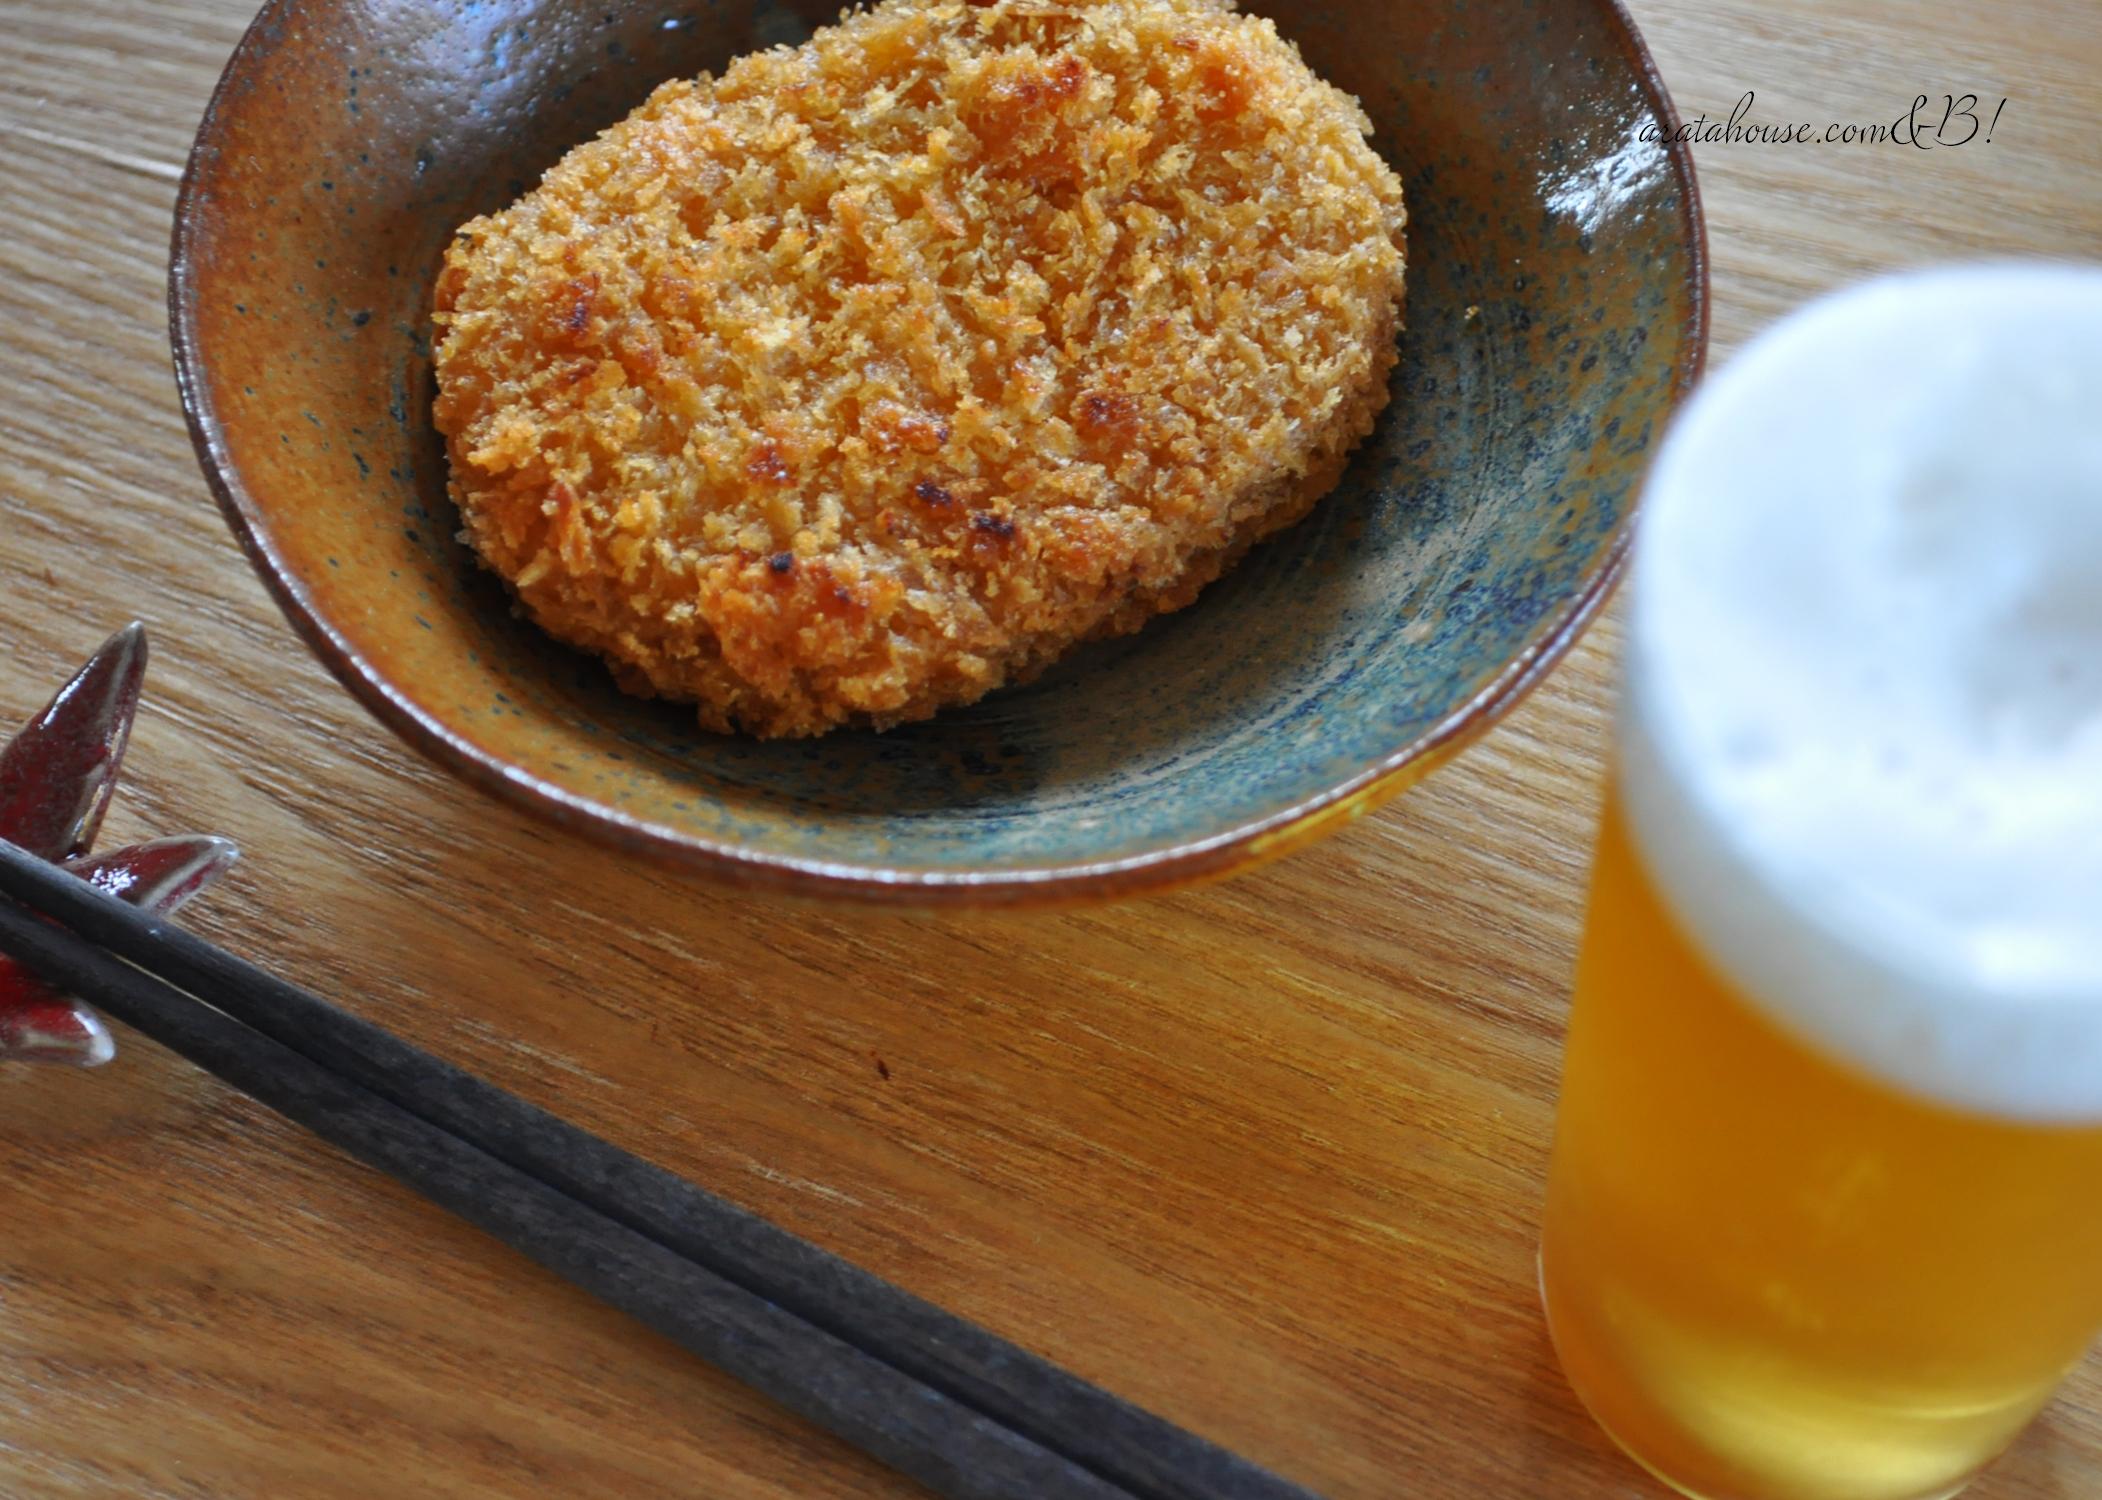 淡路島食材をふんだん使った「俺の昼飯」烏賊フライ、鯵フライ、コロッケ、レタス、白飯